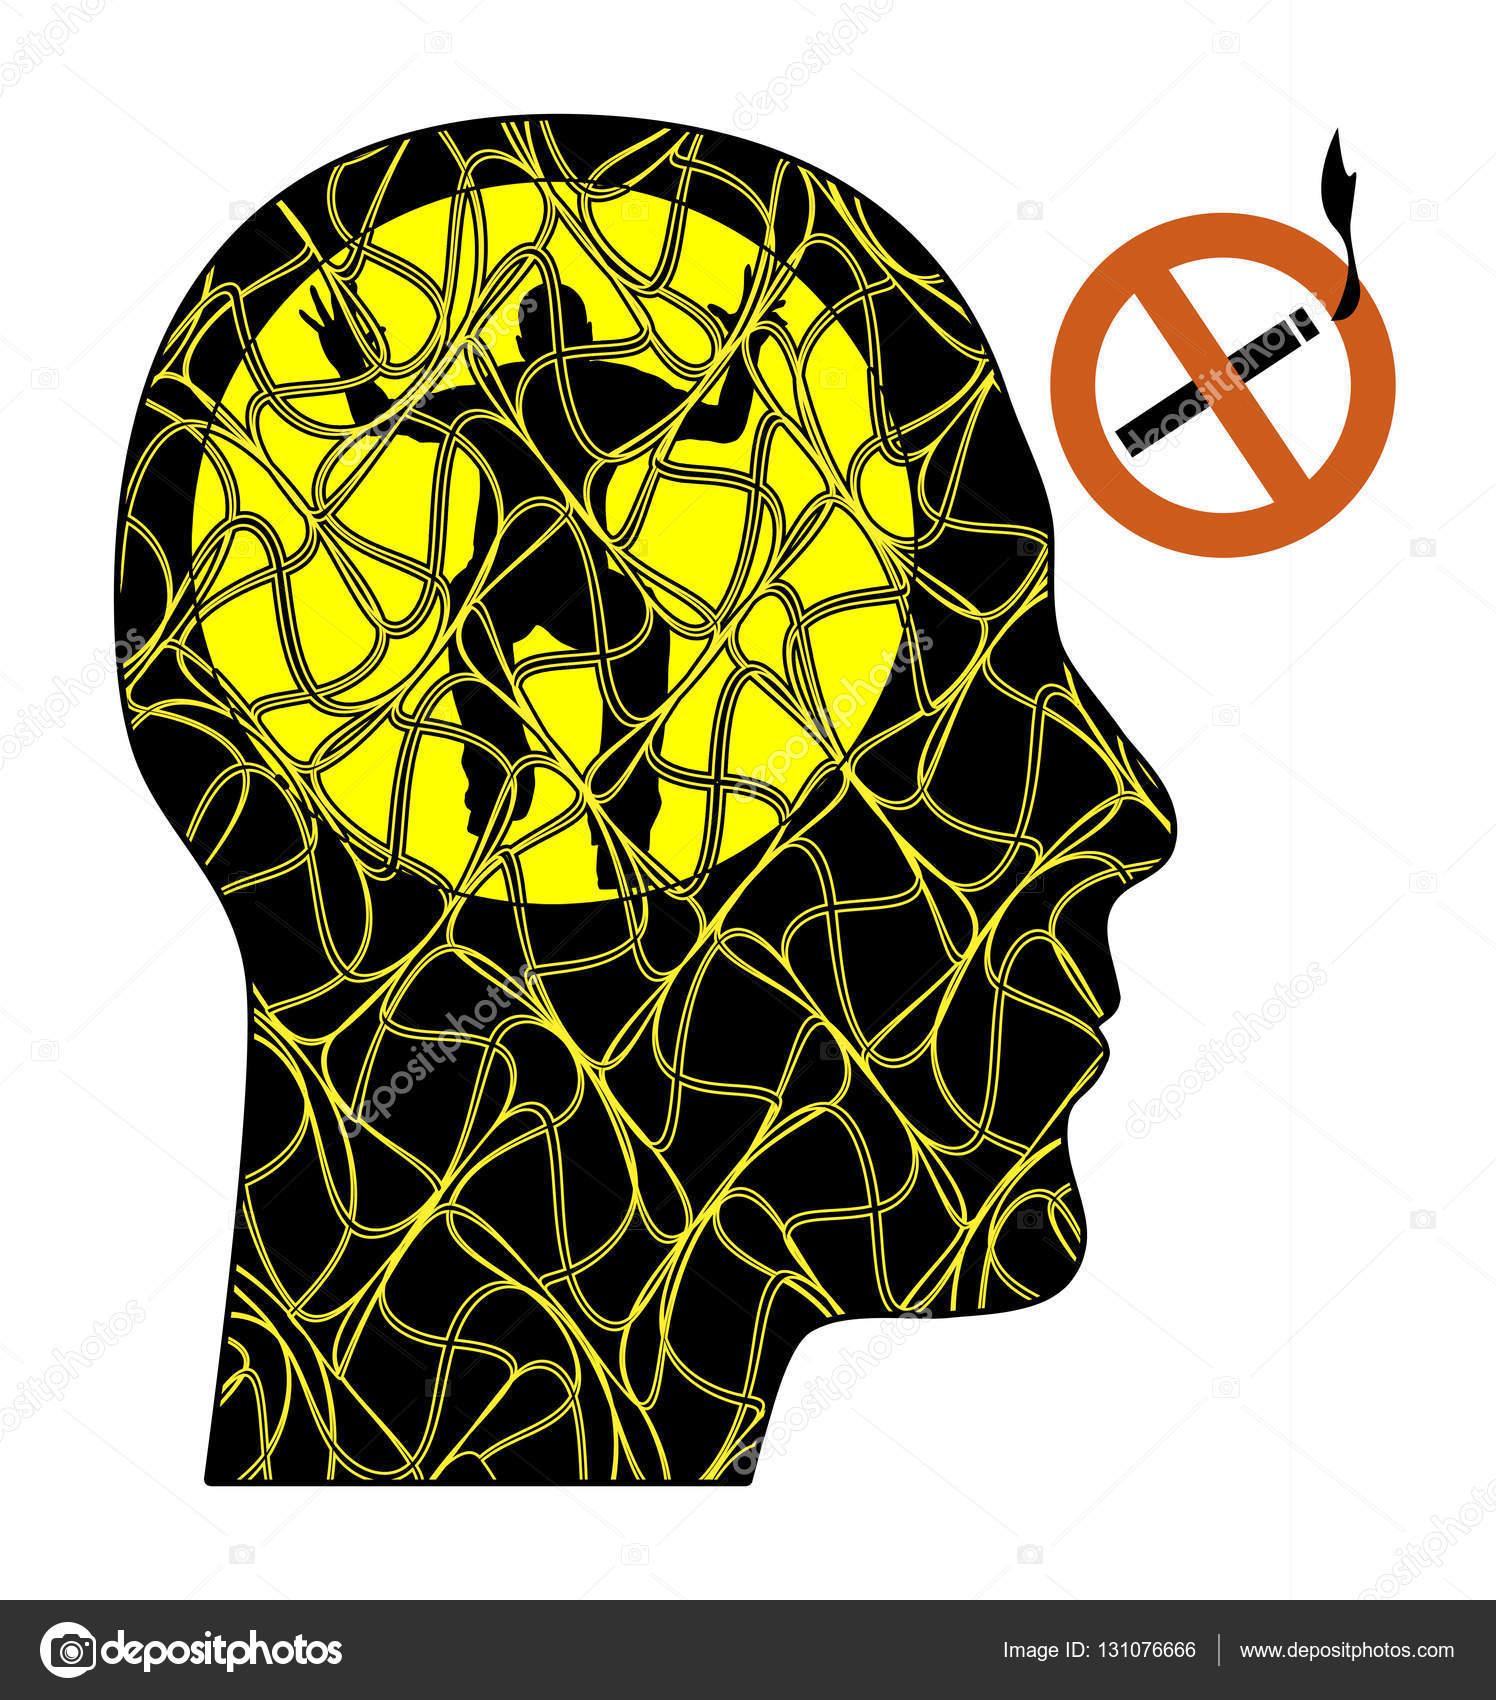 Sintomas de abstinência de nicotina — Stock Photo